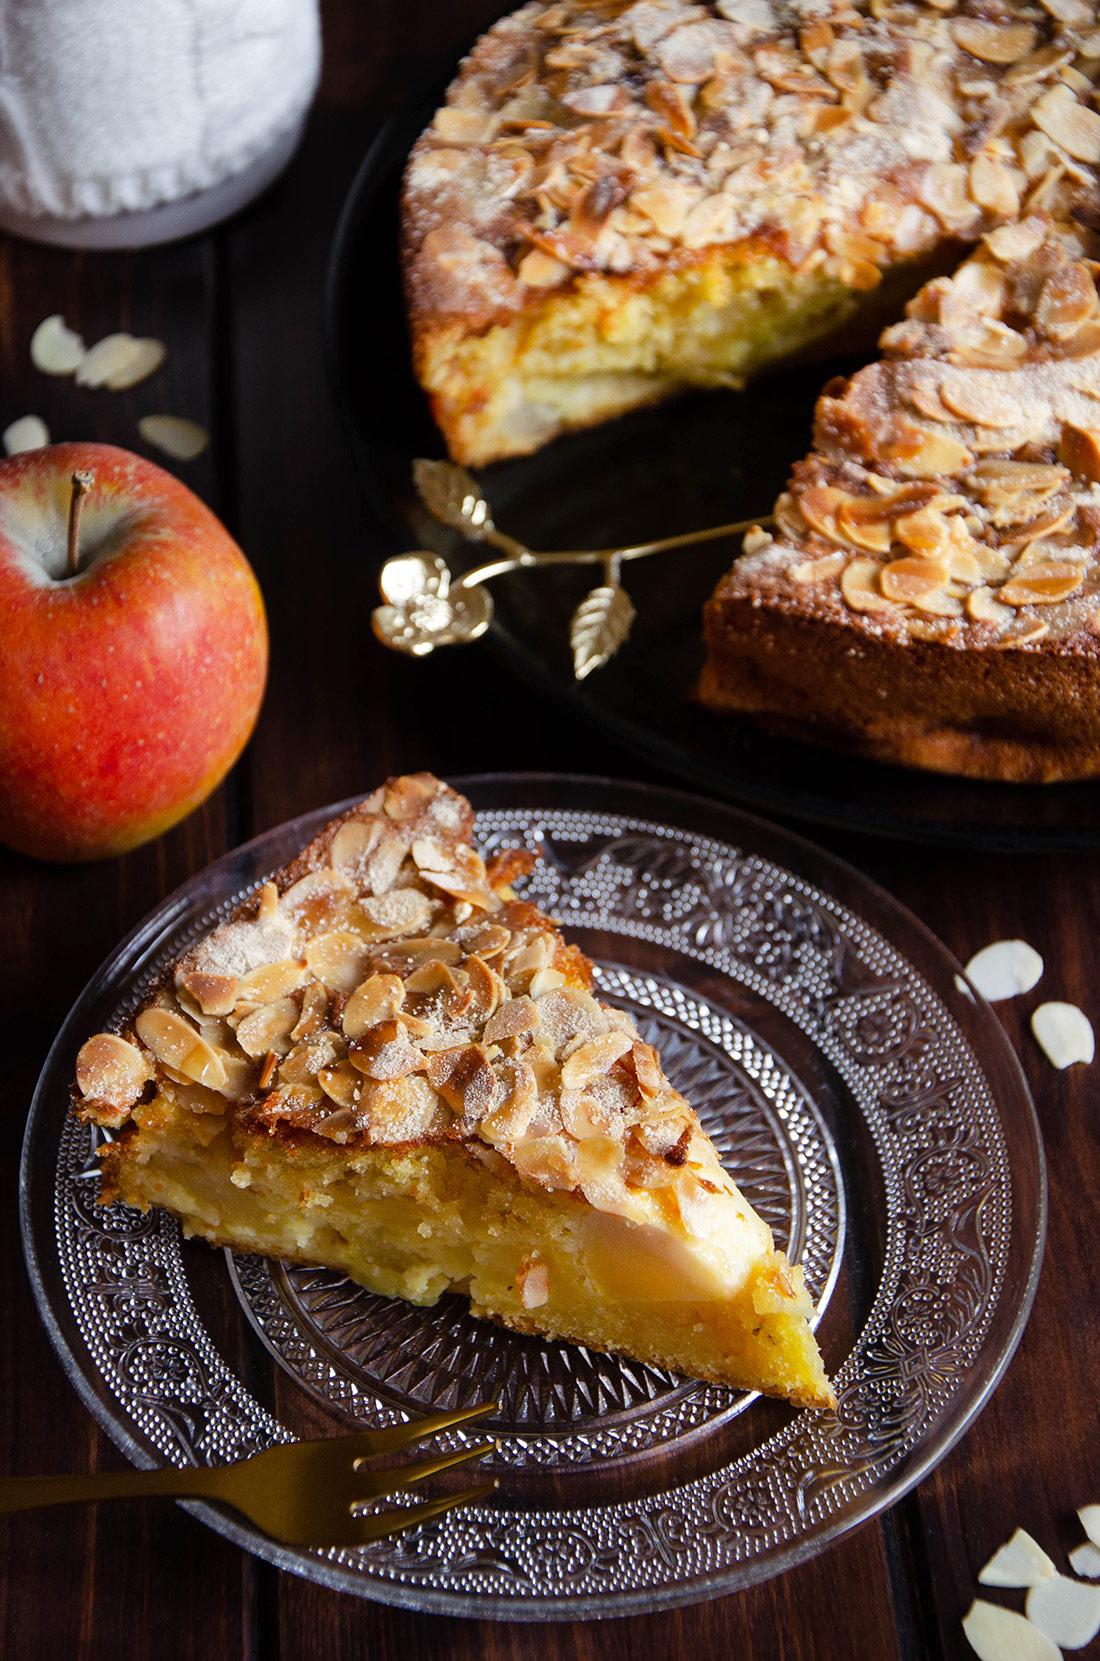 Recette de gâteau moelleux pommes amandes fait maison